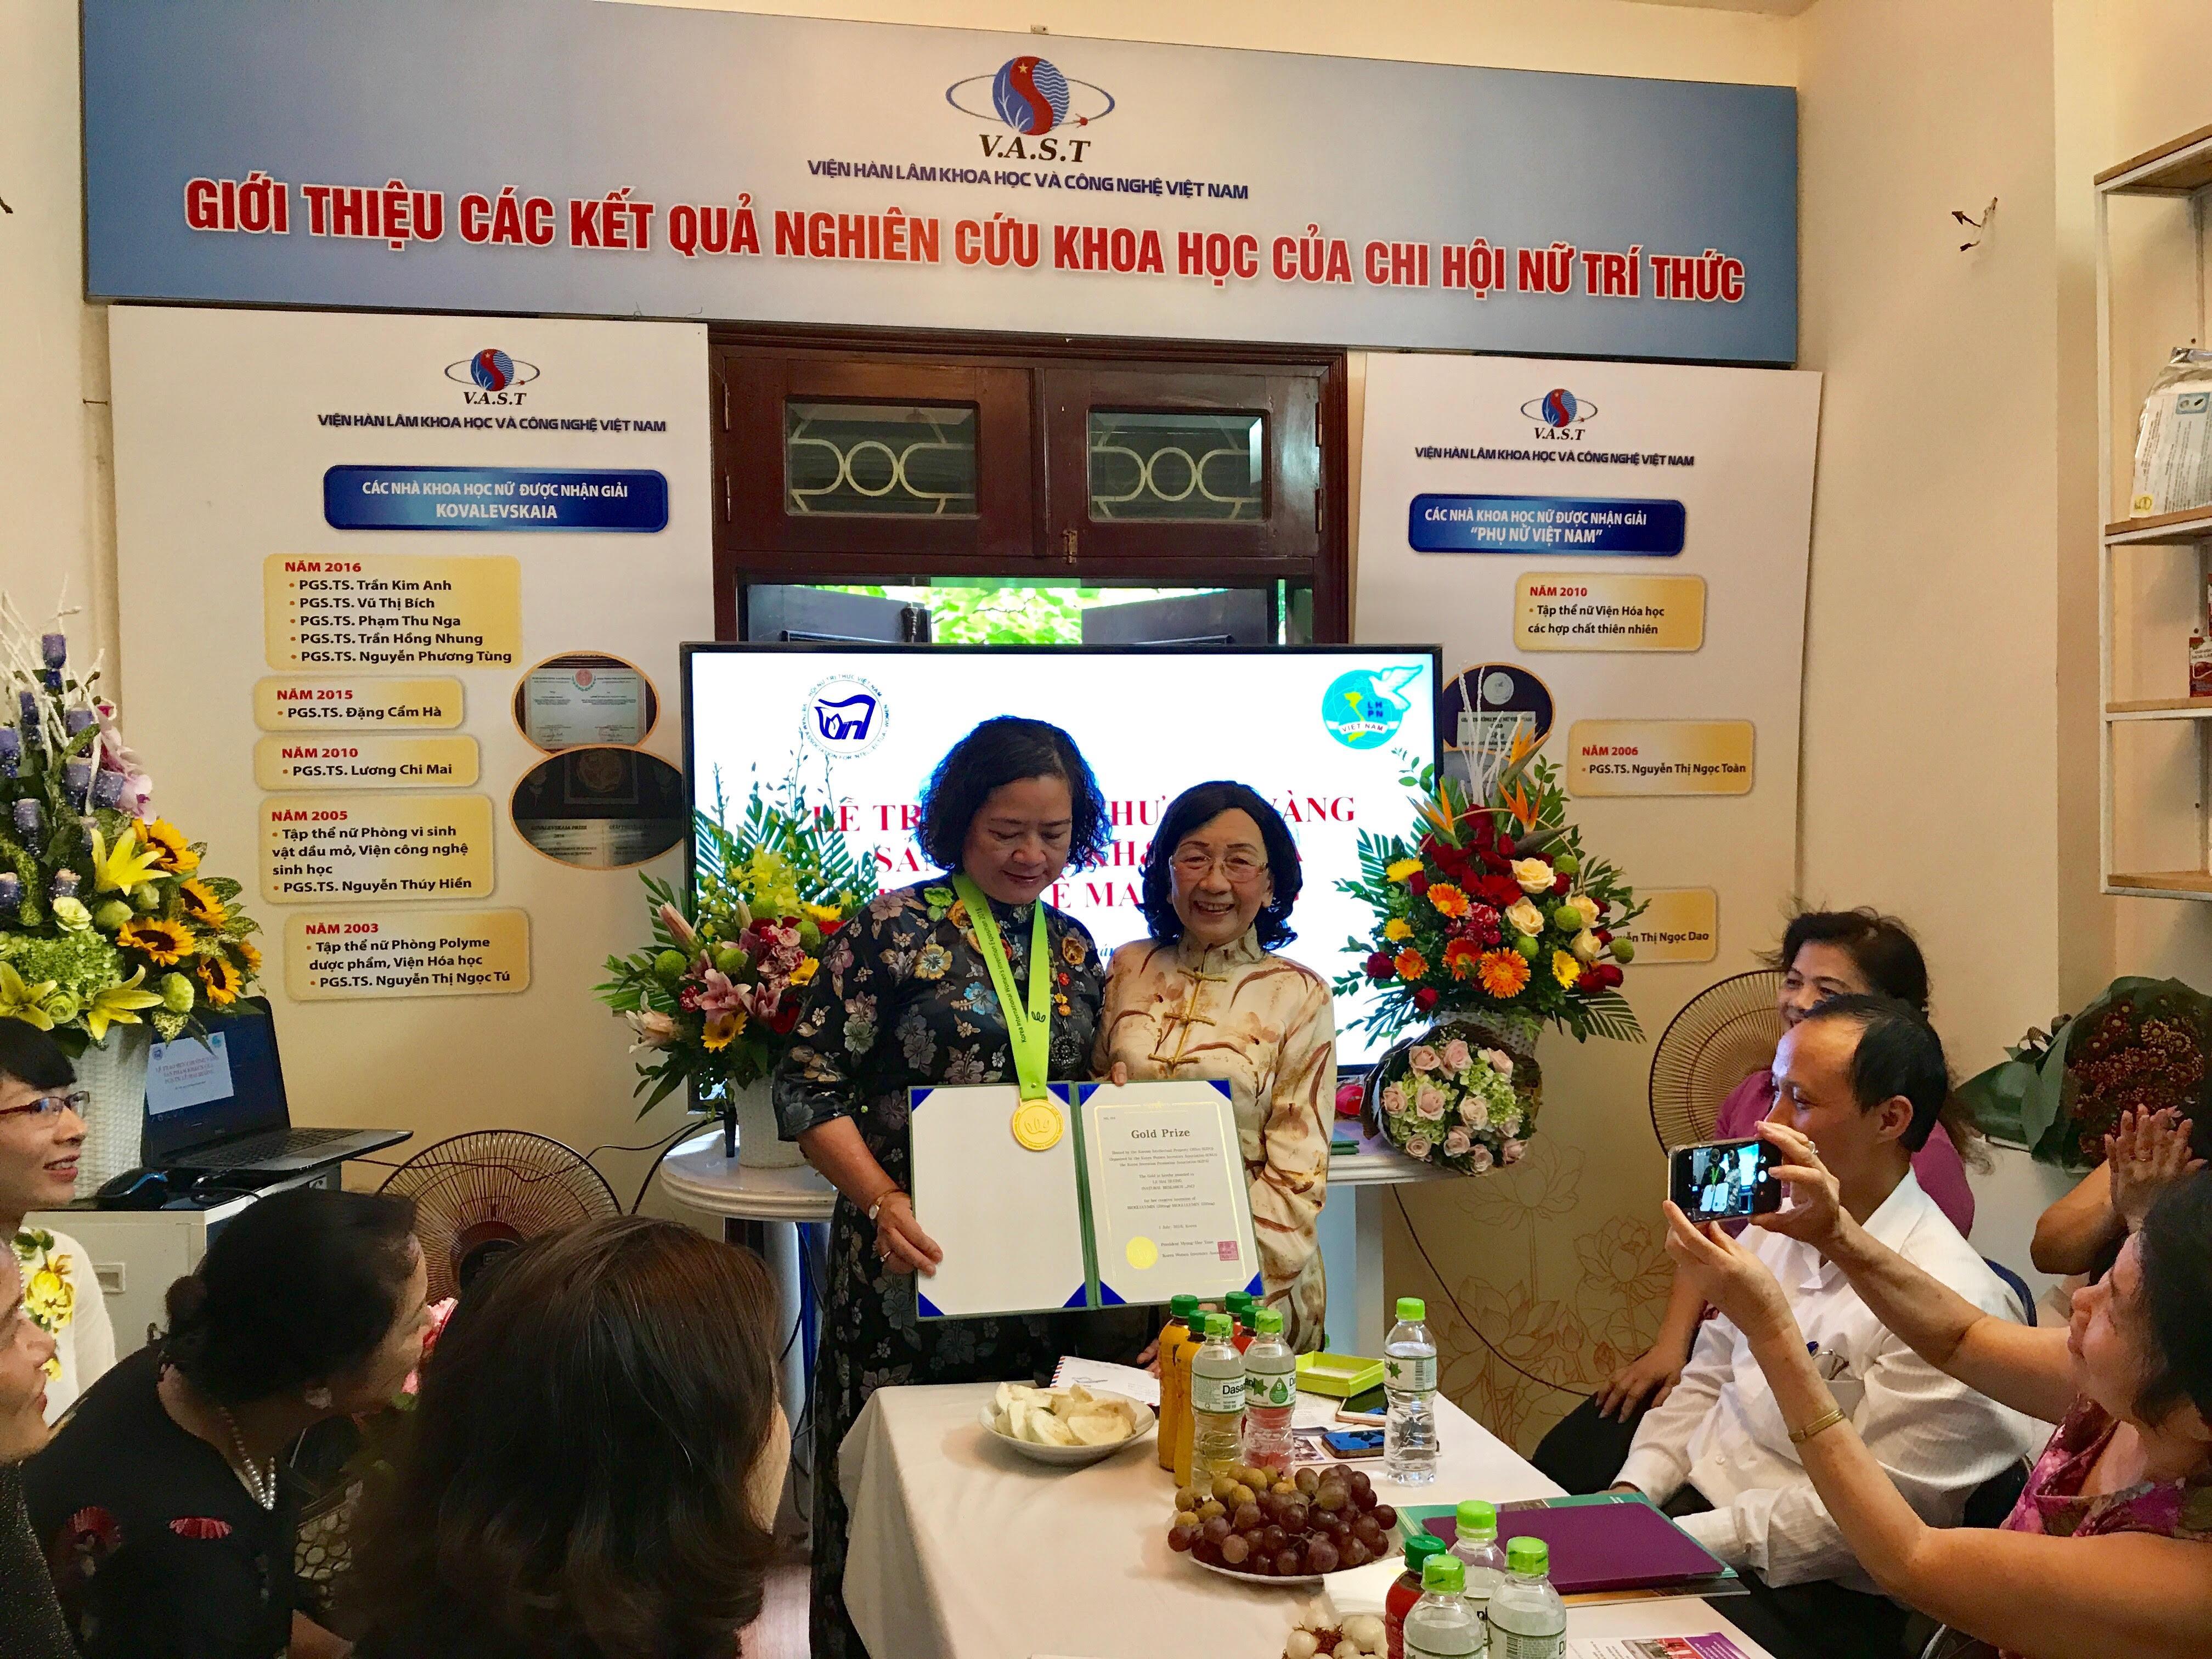 GS.TSKH Phạm Thị Trân Châu, Chủ tịch Hội nữ trí thức Việt Nam trao Huy chương vàng cho PGS.TS Lê Mai Hương